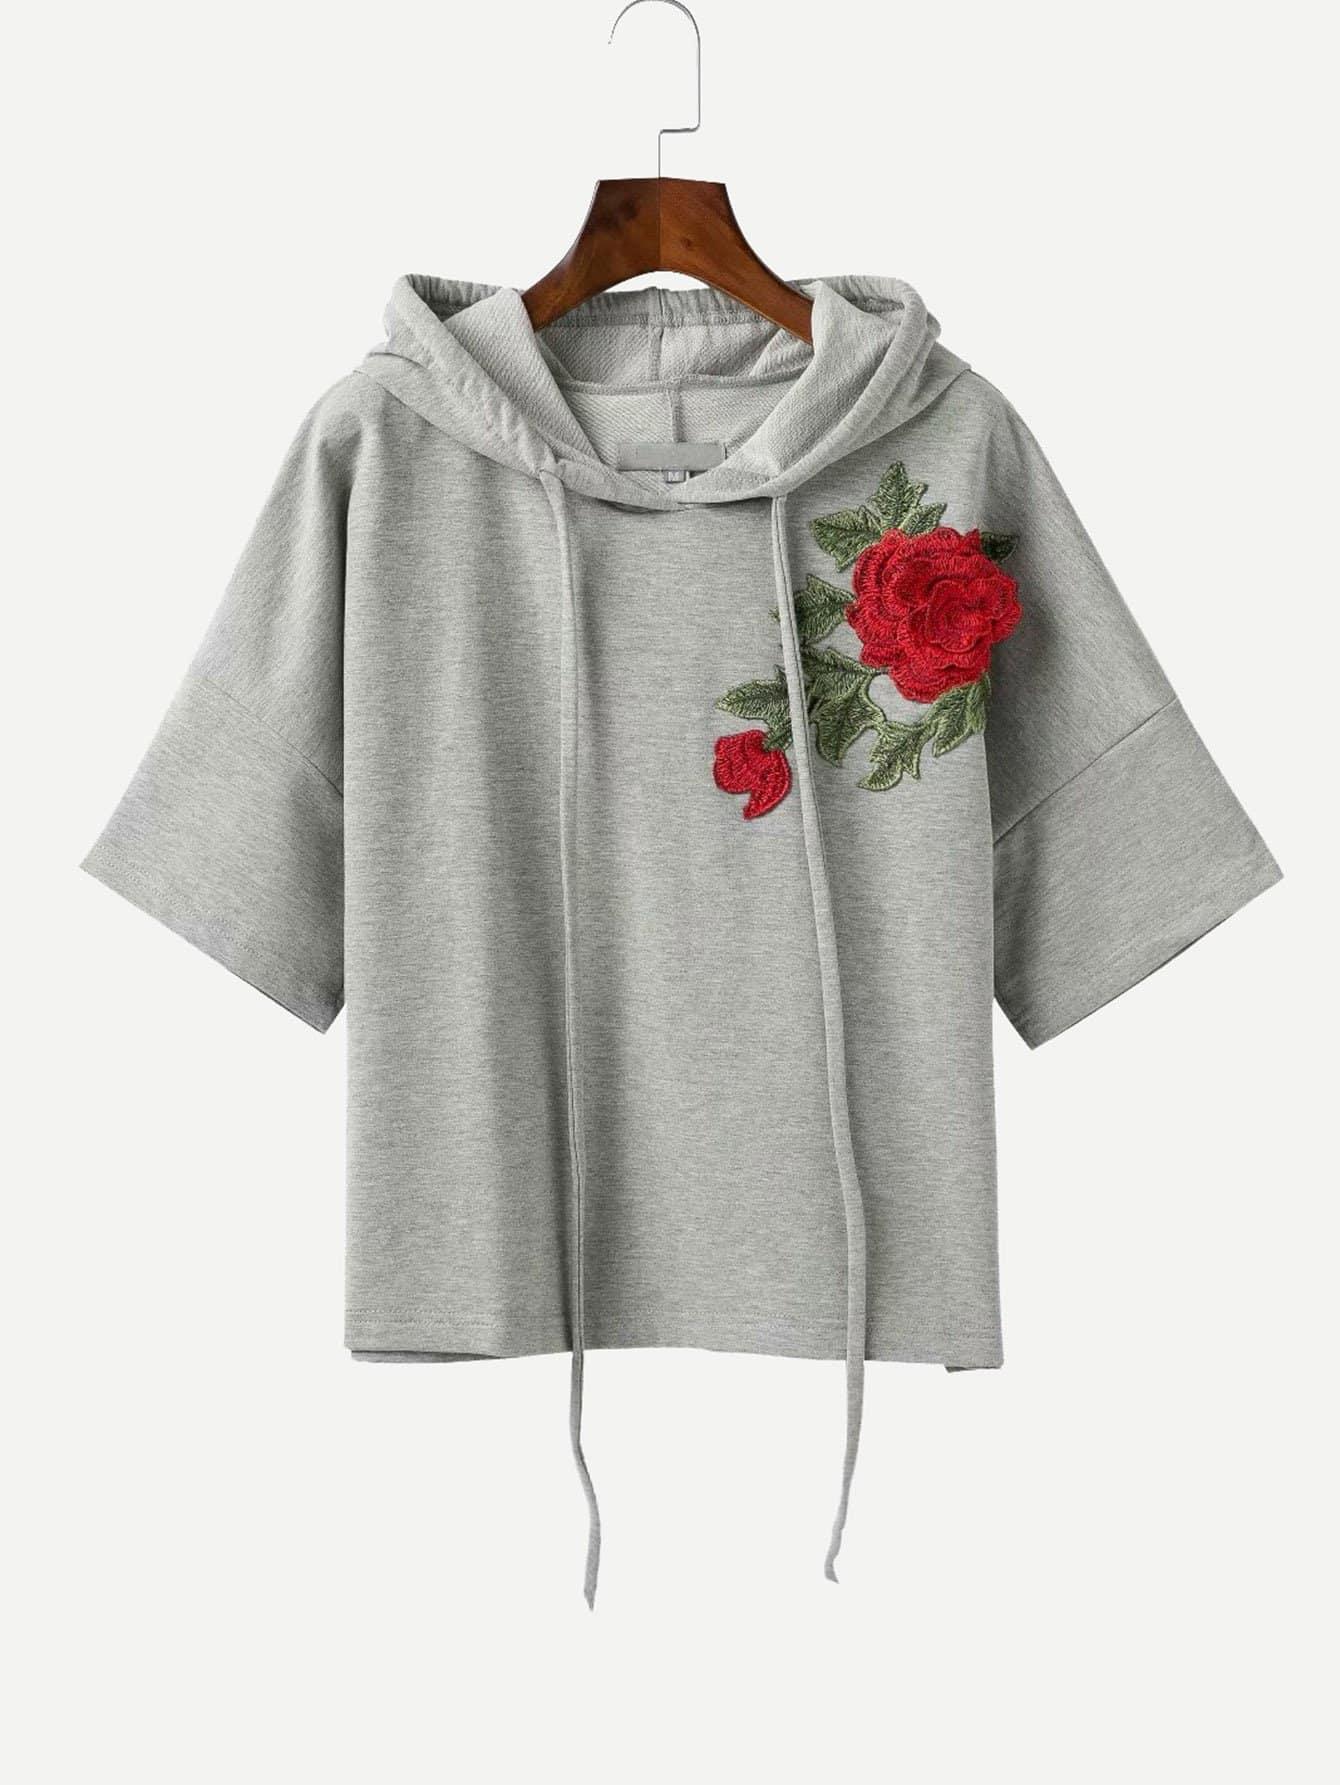 Купить Вышитая футболка с капюшоном и с заниженной линией плеч, null, SheIn